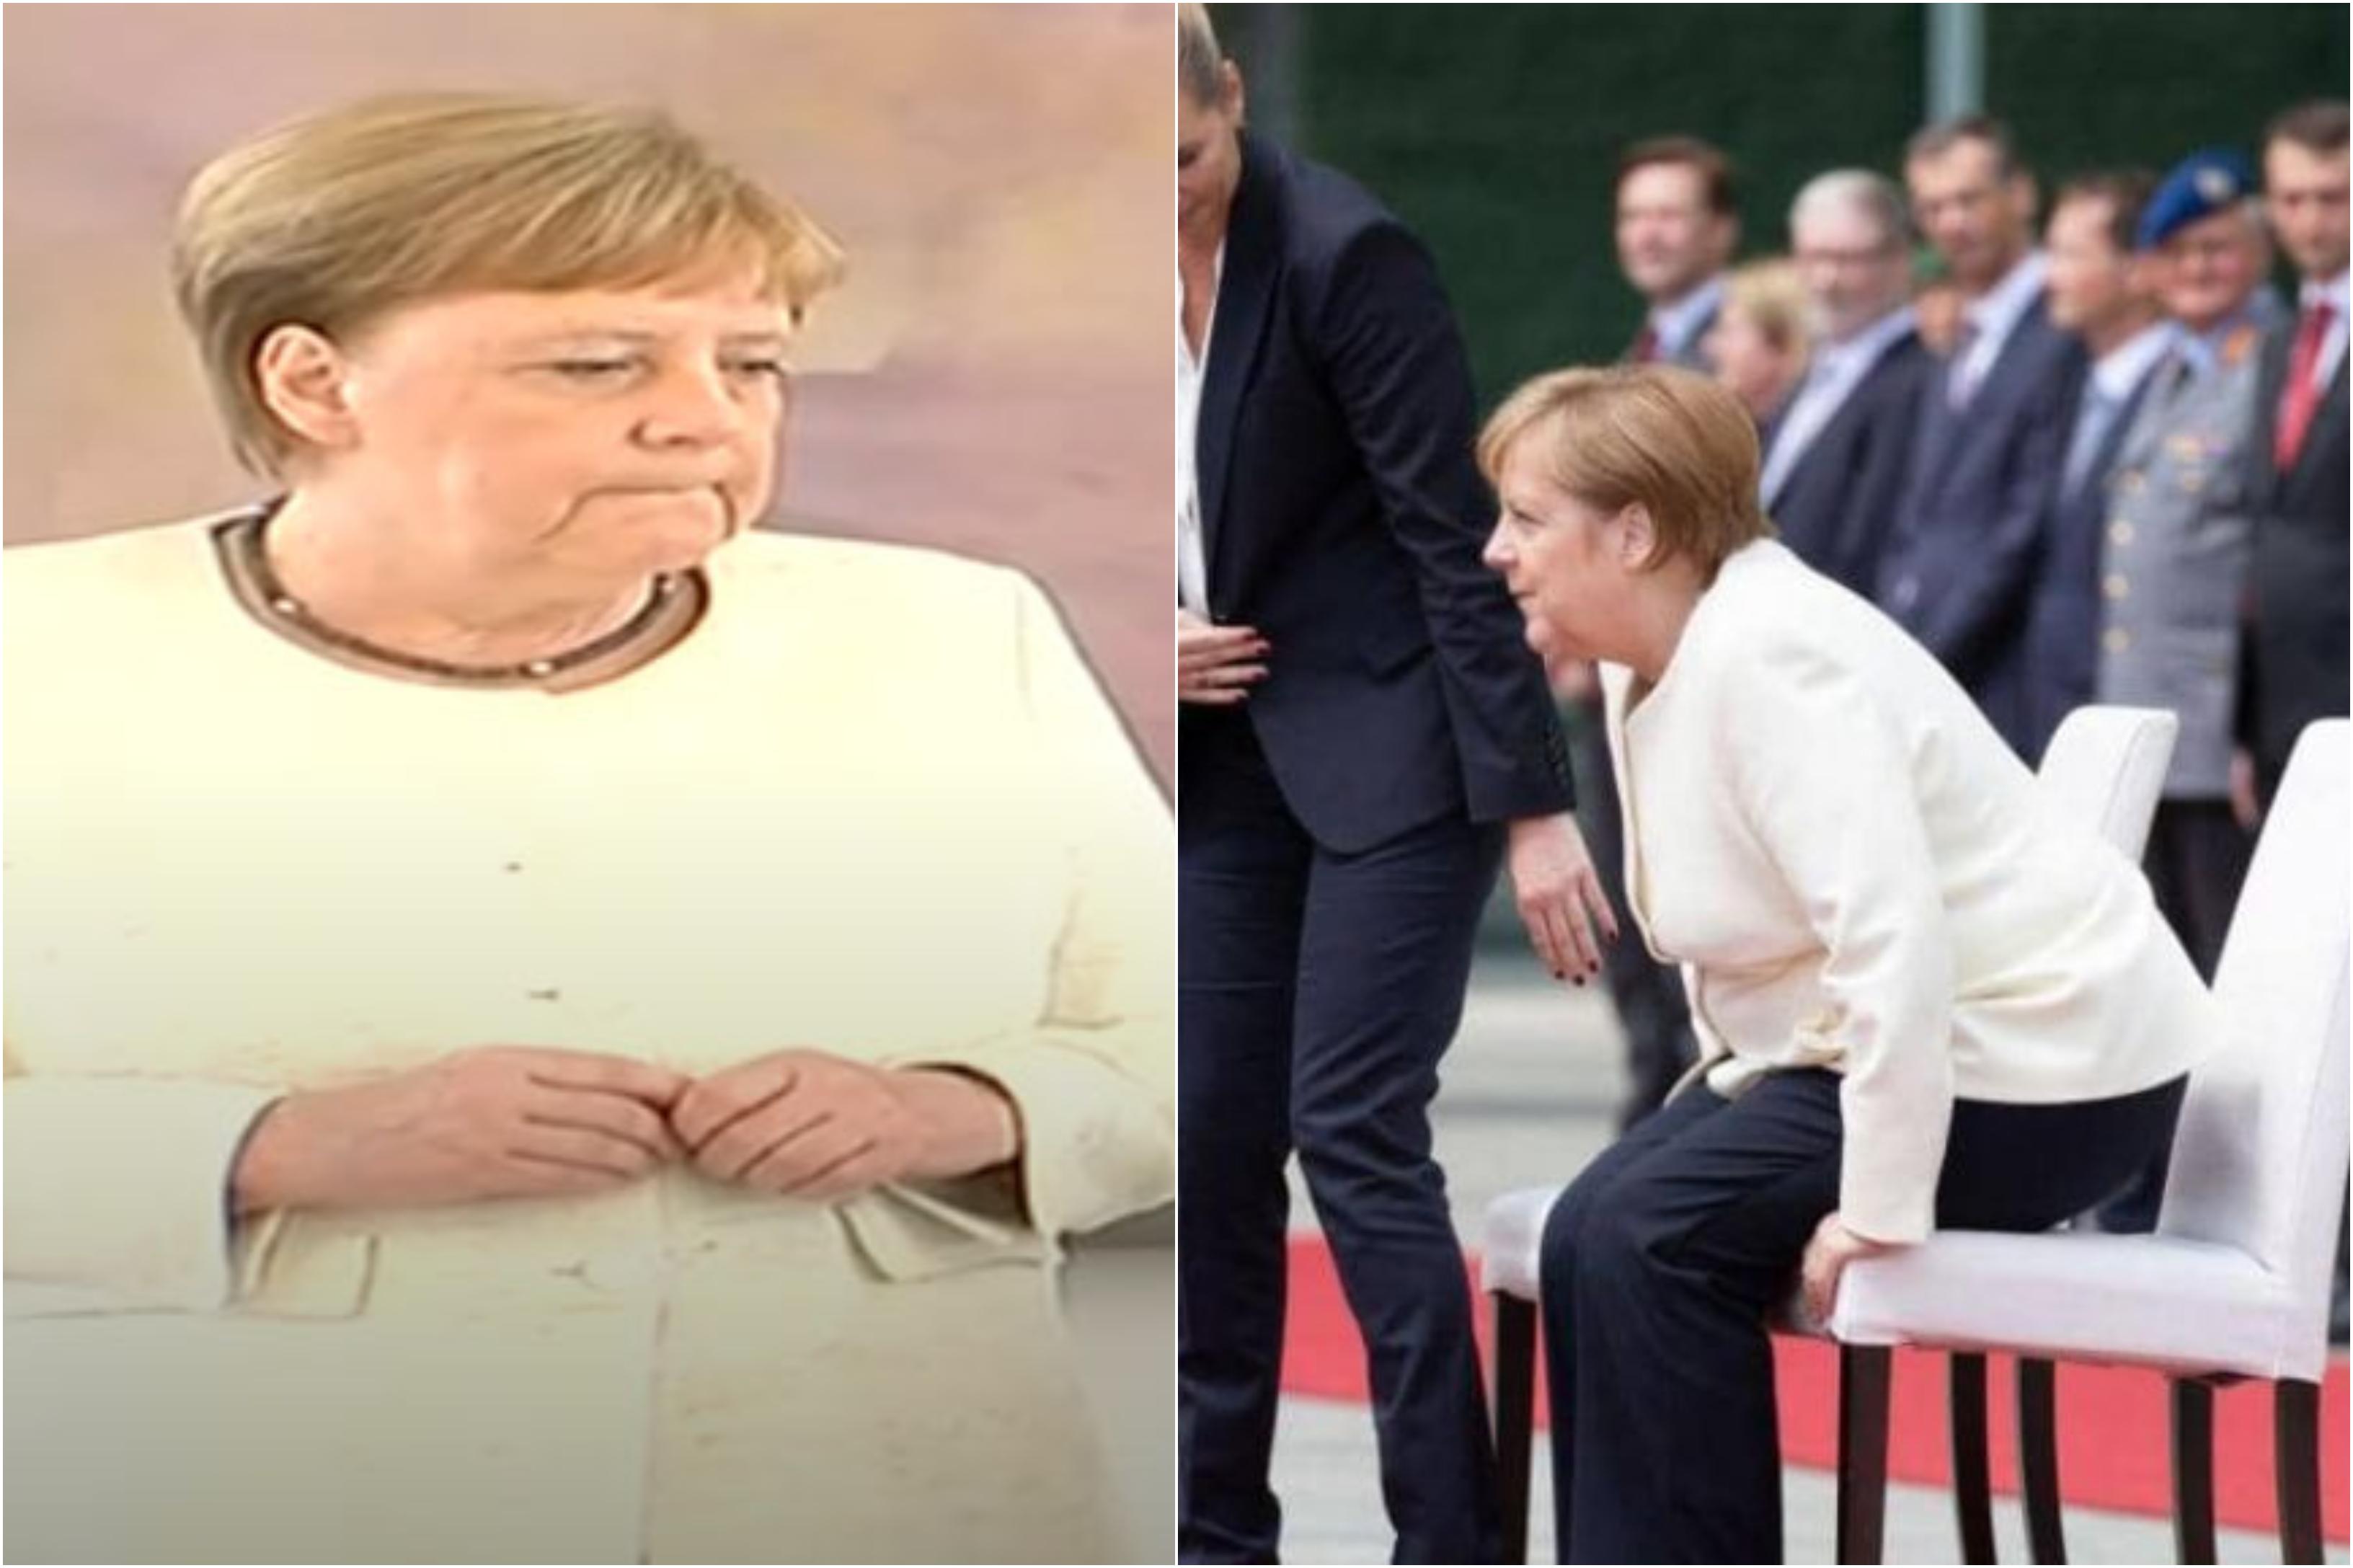 """بعد نوبات الارتعاش...الألمان قلقون على ميركل... """"نرى شخصا يحاول أن يبقى قويا لكنه يرتعش ثم يرتعش"""""""